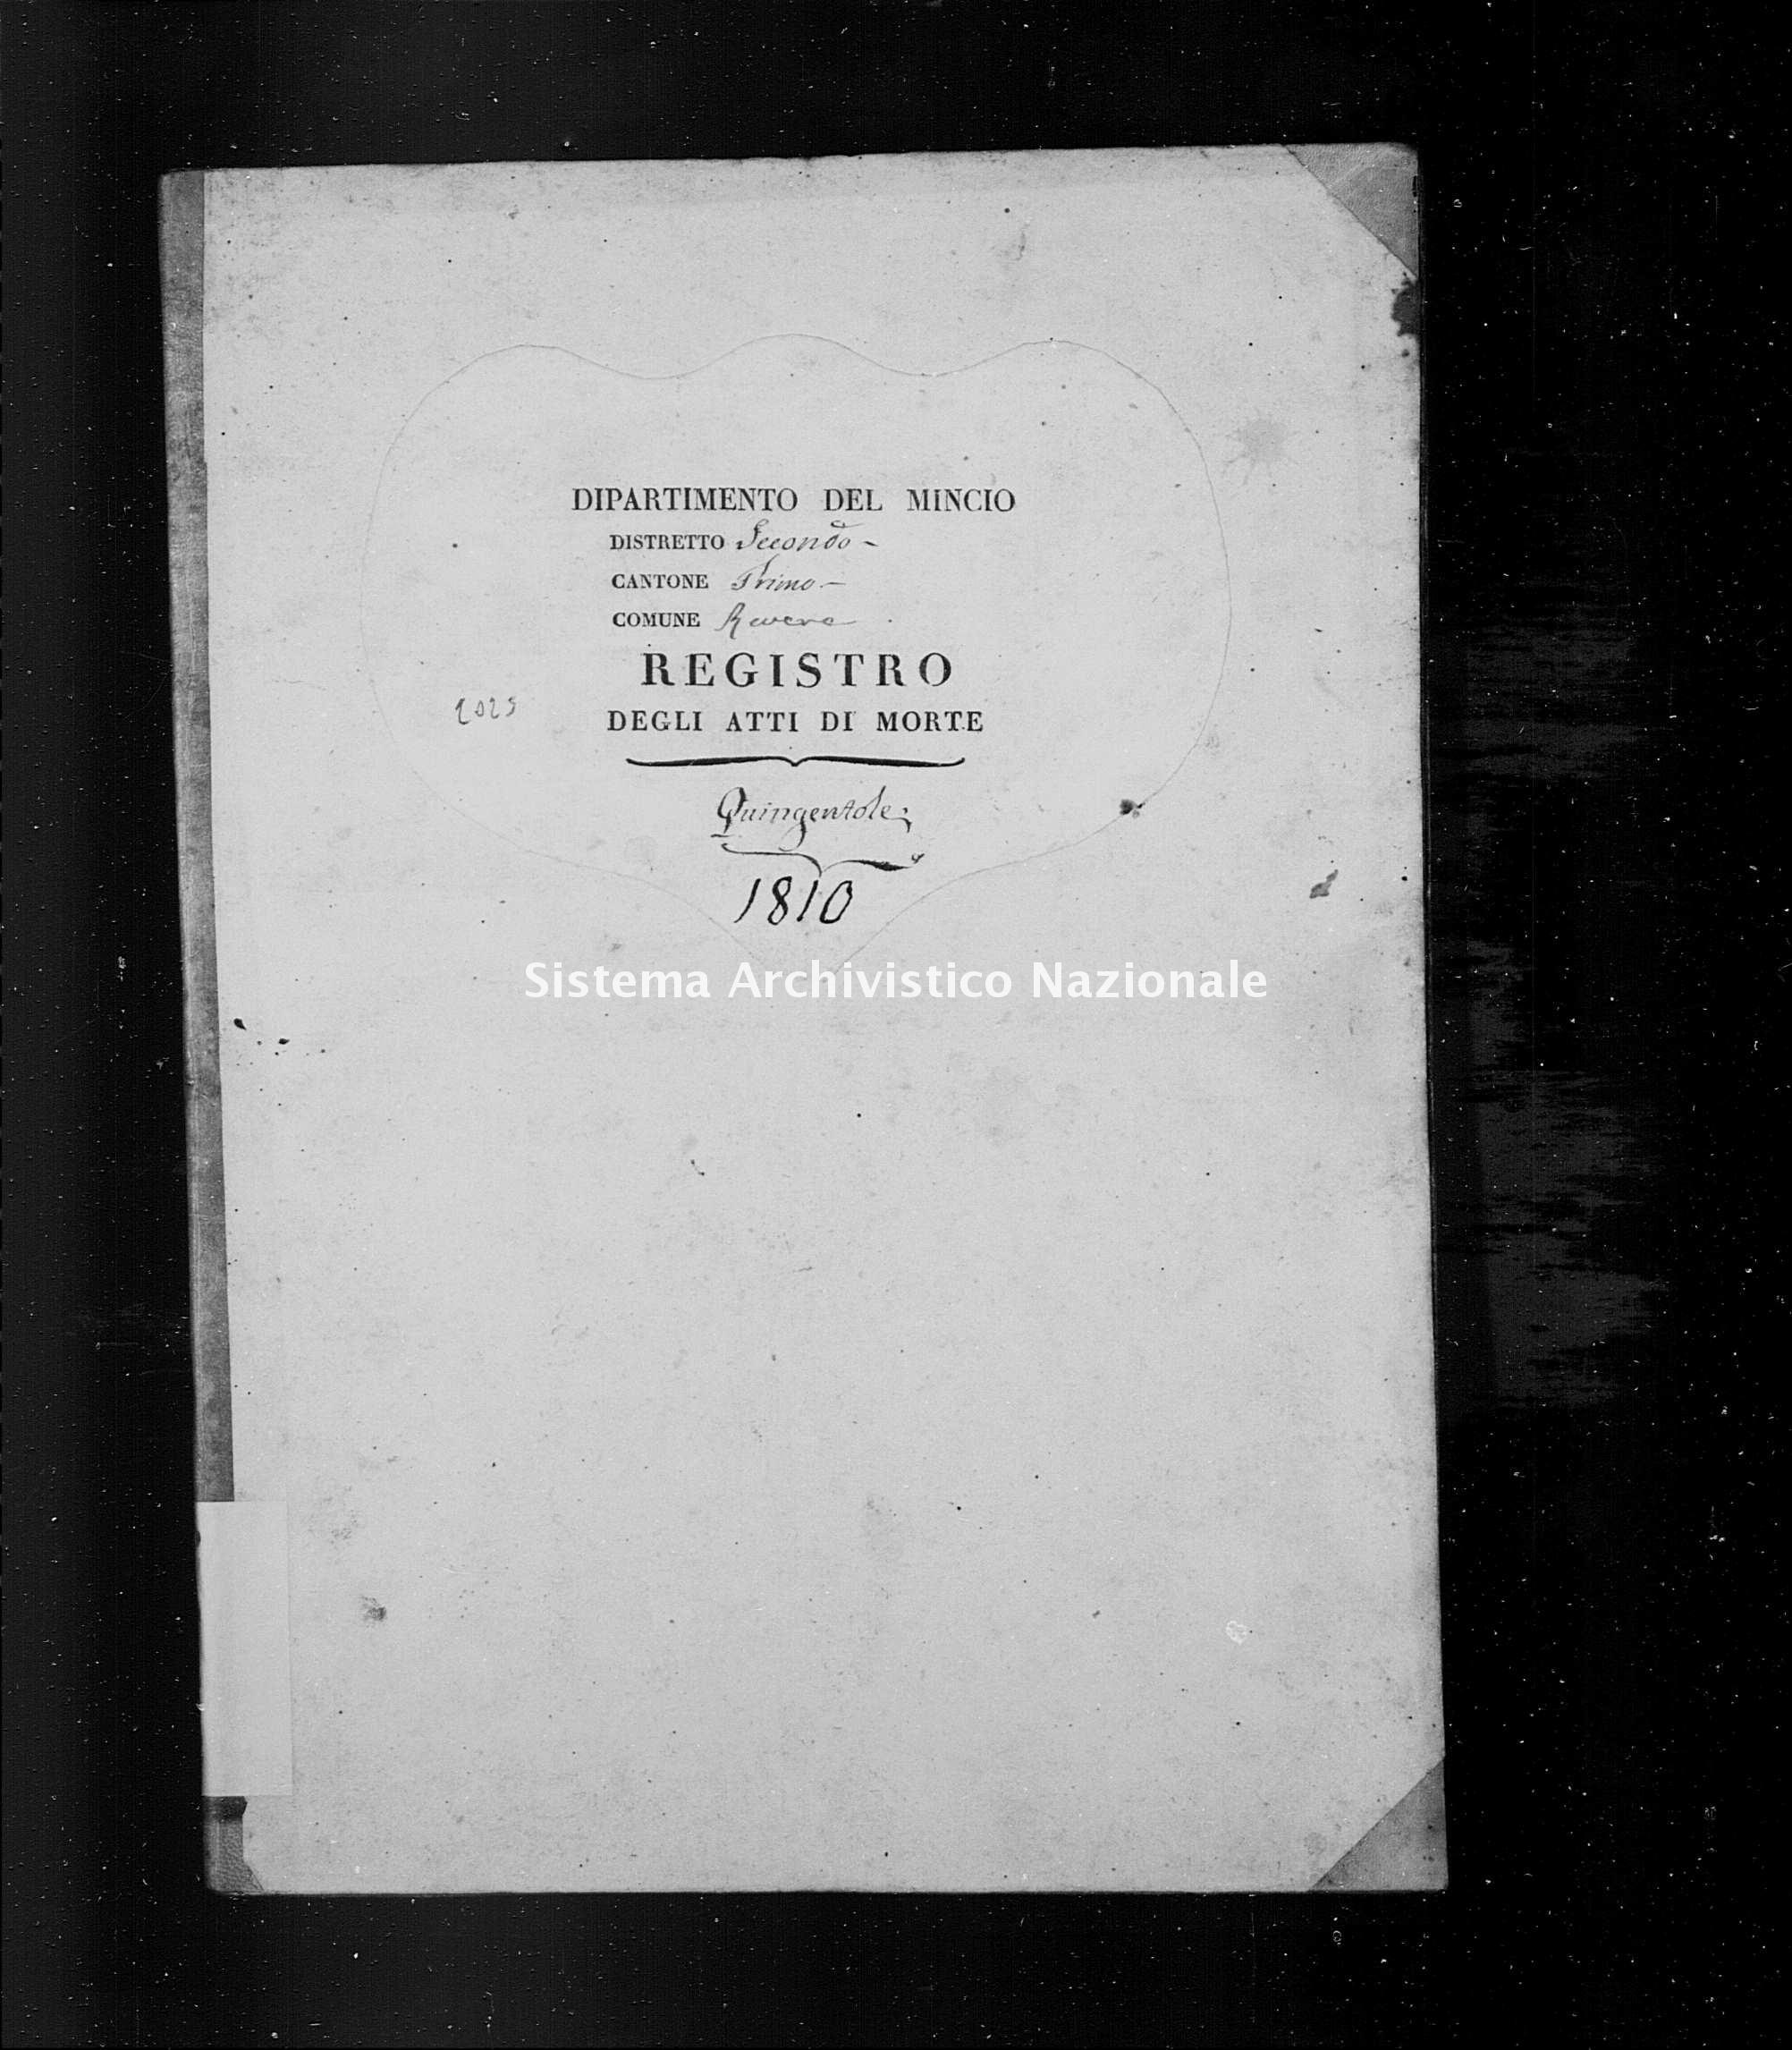 Archivio di stato di Mantova - Stato civile napoleonico - Quingentole - Morti - 1810 - 2023 -